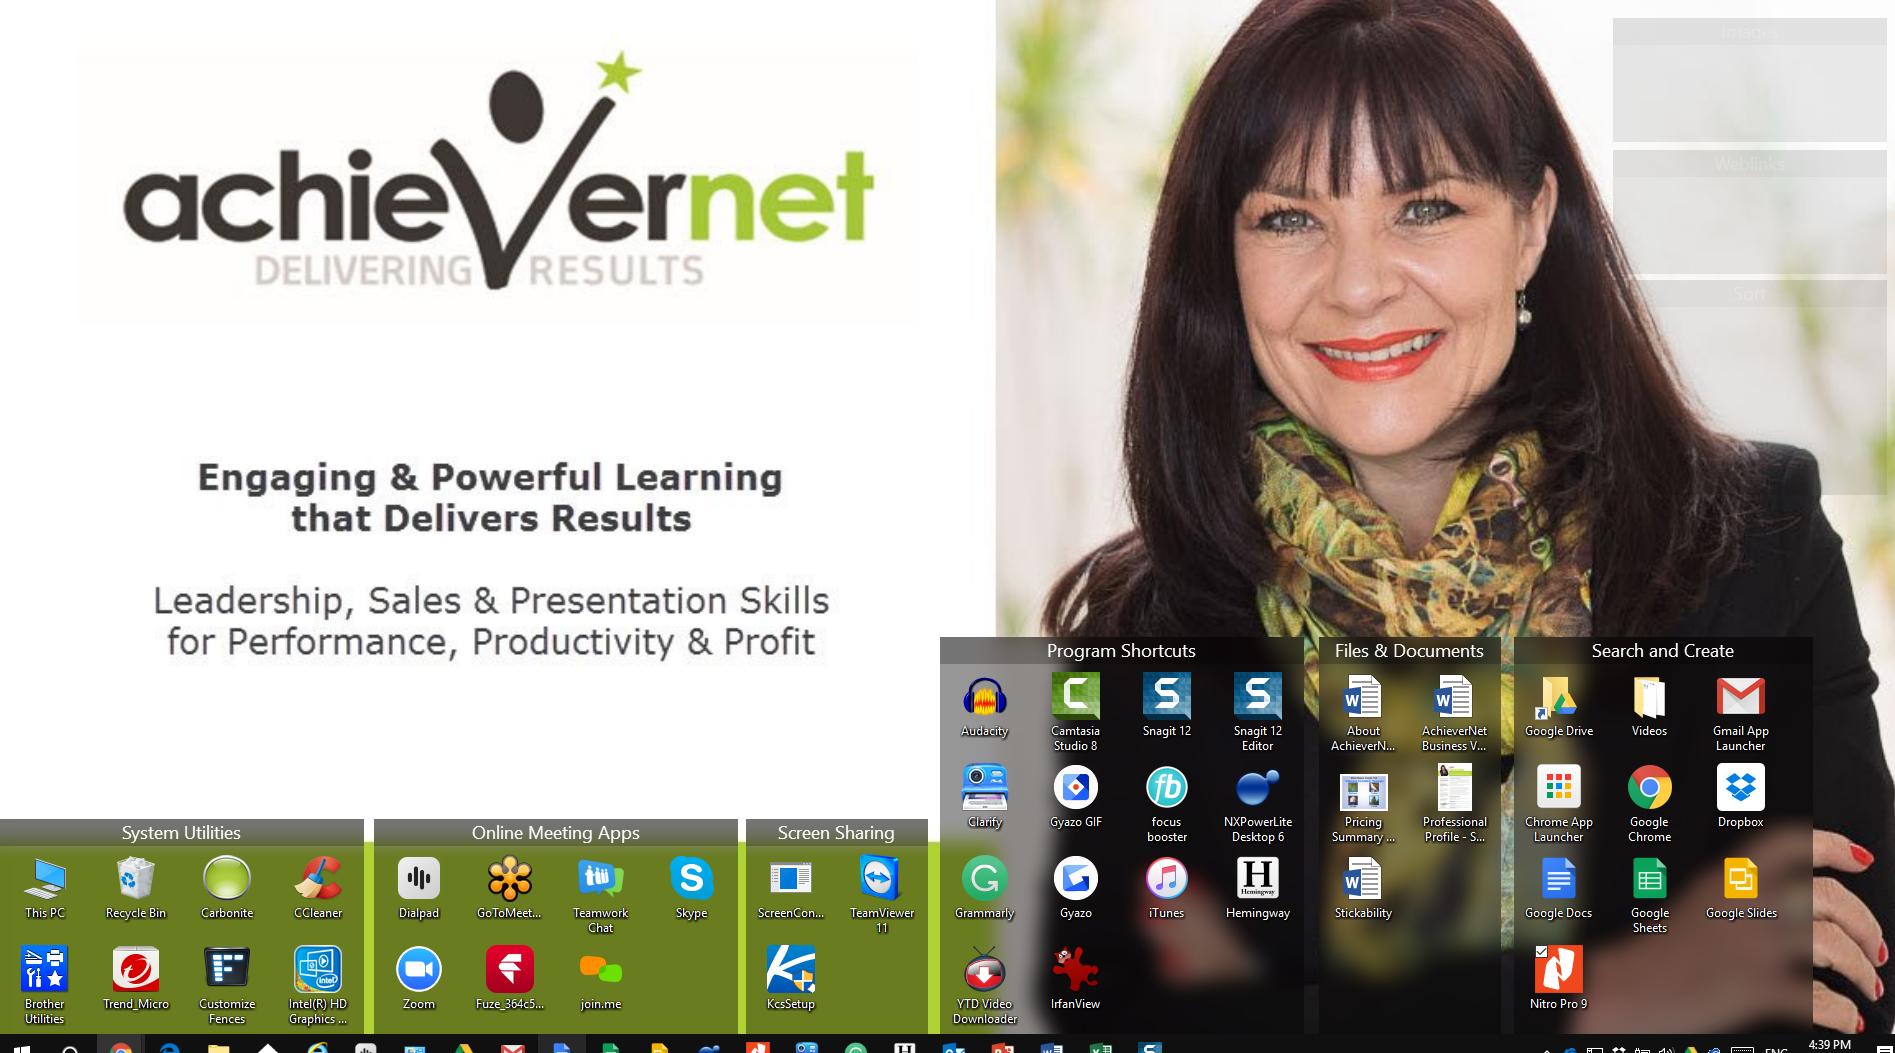 AchieverNet Desktop with Fences